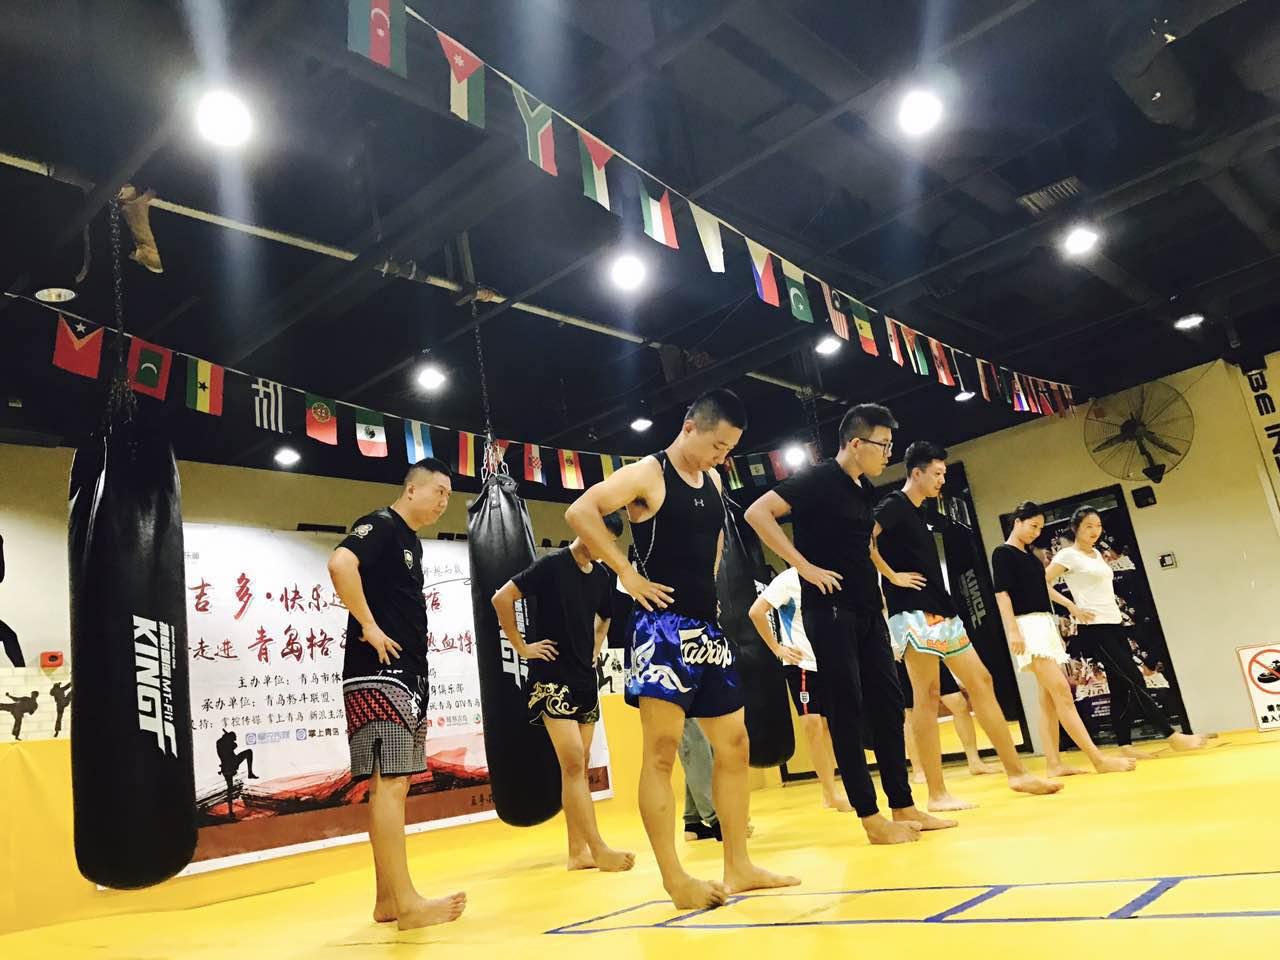 此次活动的内容由俱乐部成员集体精心设计,泰国本土教练带来传统拜师